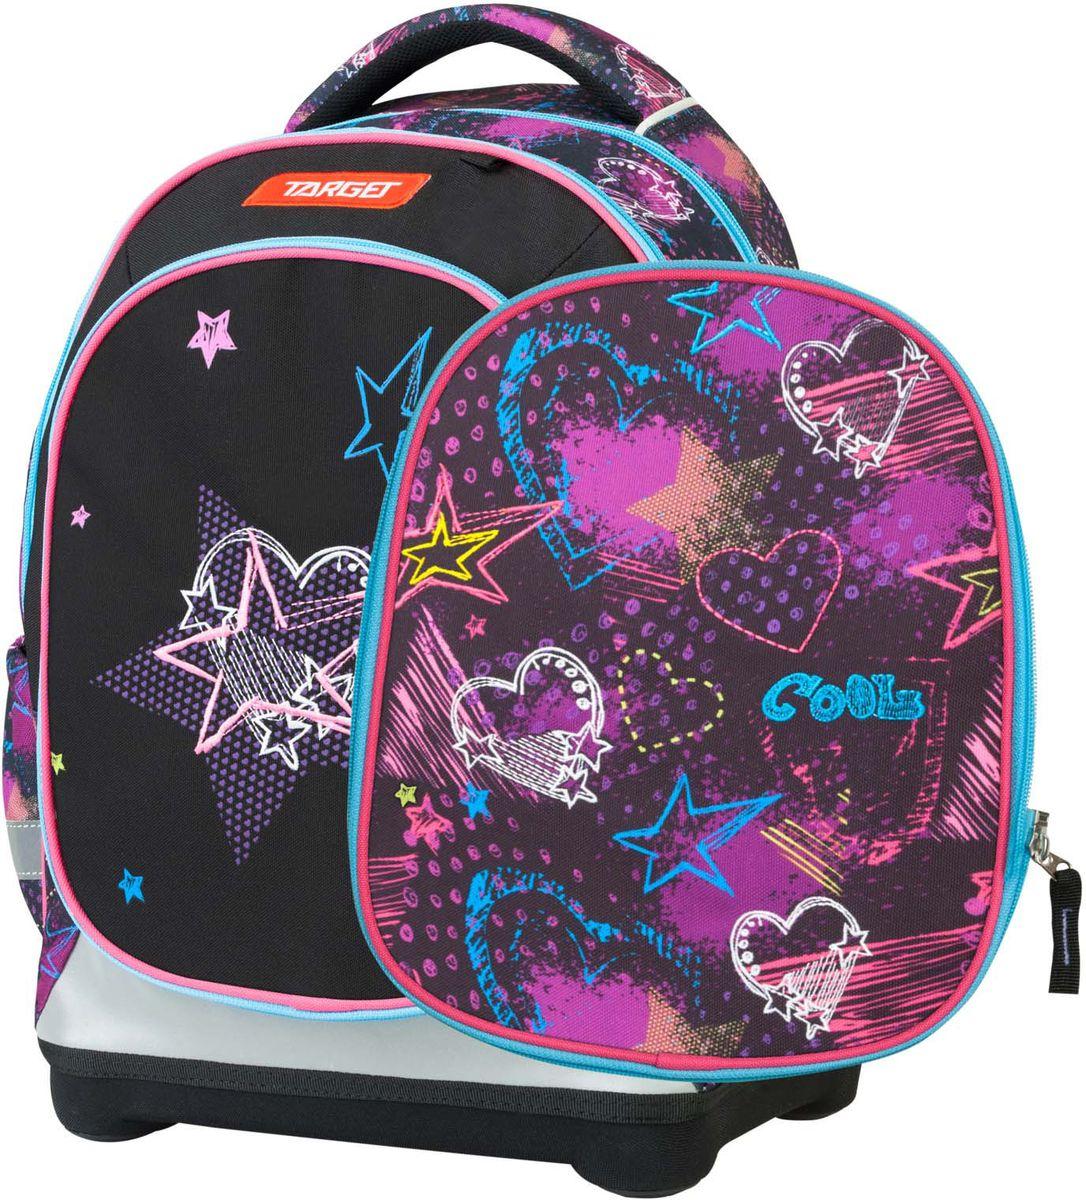 Target Рюкзак детский Freak Out цвет фиолетовый21388;21388Рюкзак супер легкий имеет яркий рисунок и изготовлен из современных, прочных материалов. При создании данной модели используются улучшенные материалы (3D), которые имеют свойство «дышать». Он оснащен двумя большими отделениями на молнии Передняя часть рюкзака съемная и может быть изменена на другой рисунок, который входит в комплект. Так же по бокам имеются у него два кармана на резинке. Бегунки на застежках с удобными тканевыми держателями. Особенности рюкзака: Система «Flexiball» (поясничная поддержка); Ортопедическая спинка; Регулируемые плечевые лямки; Плечевые лямки и спинка содержат вентиляционные отверстия и дополнительно оснащены ЭКО-пеной; Светоотражающий материал присутствует на передней, боковой и задней части рюкзака; Мягкая ручка в верхней части; Прочное и устойчивое дно на пластиковых ножках.